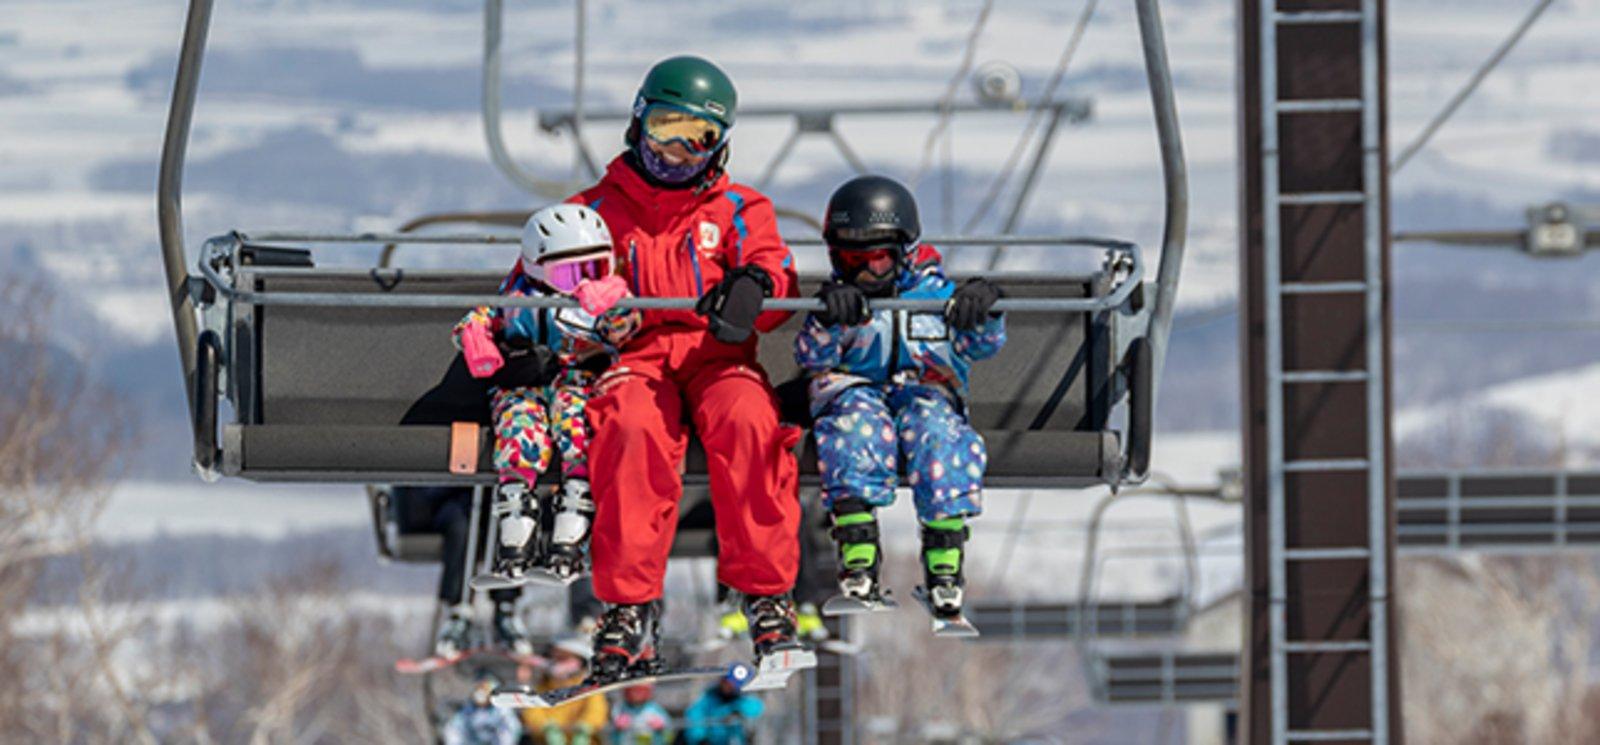 參加 NISS 新雪谷國際滑雪學校幼兒課程的兒童